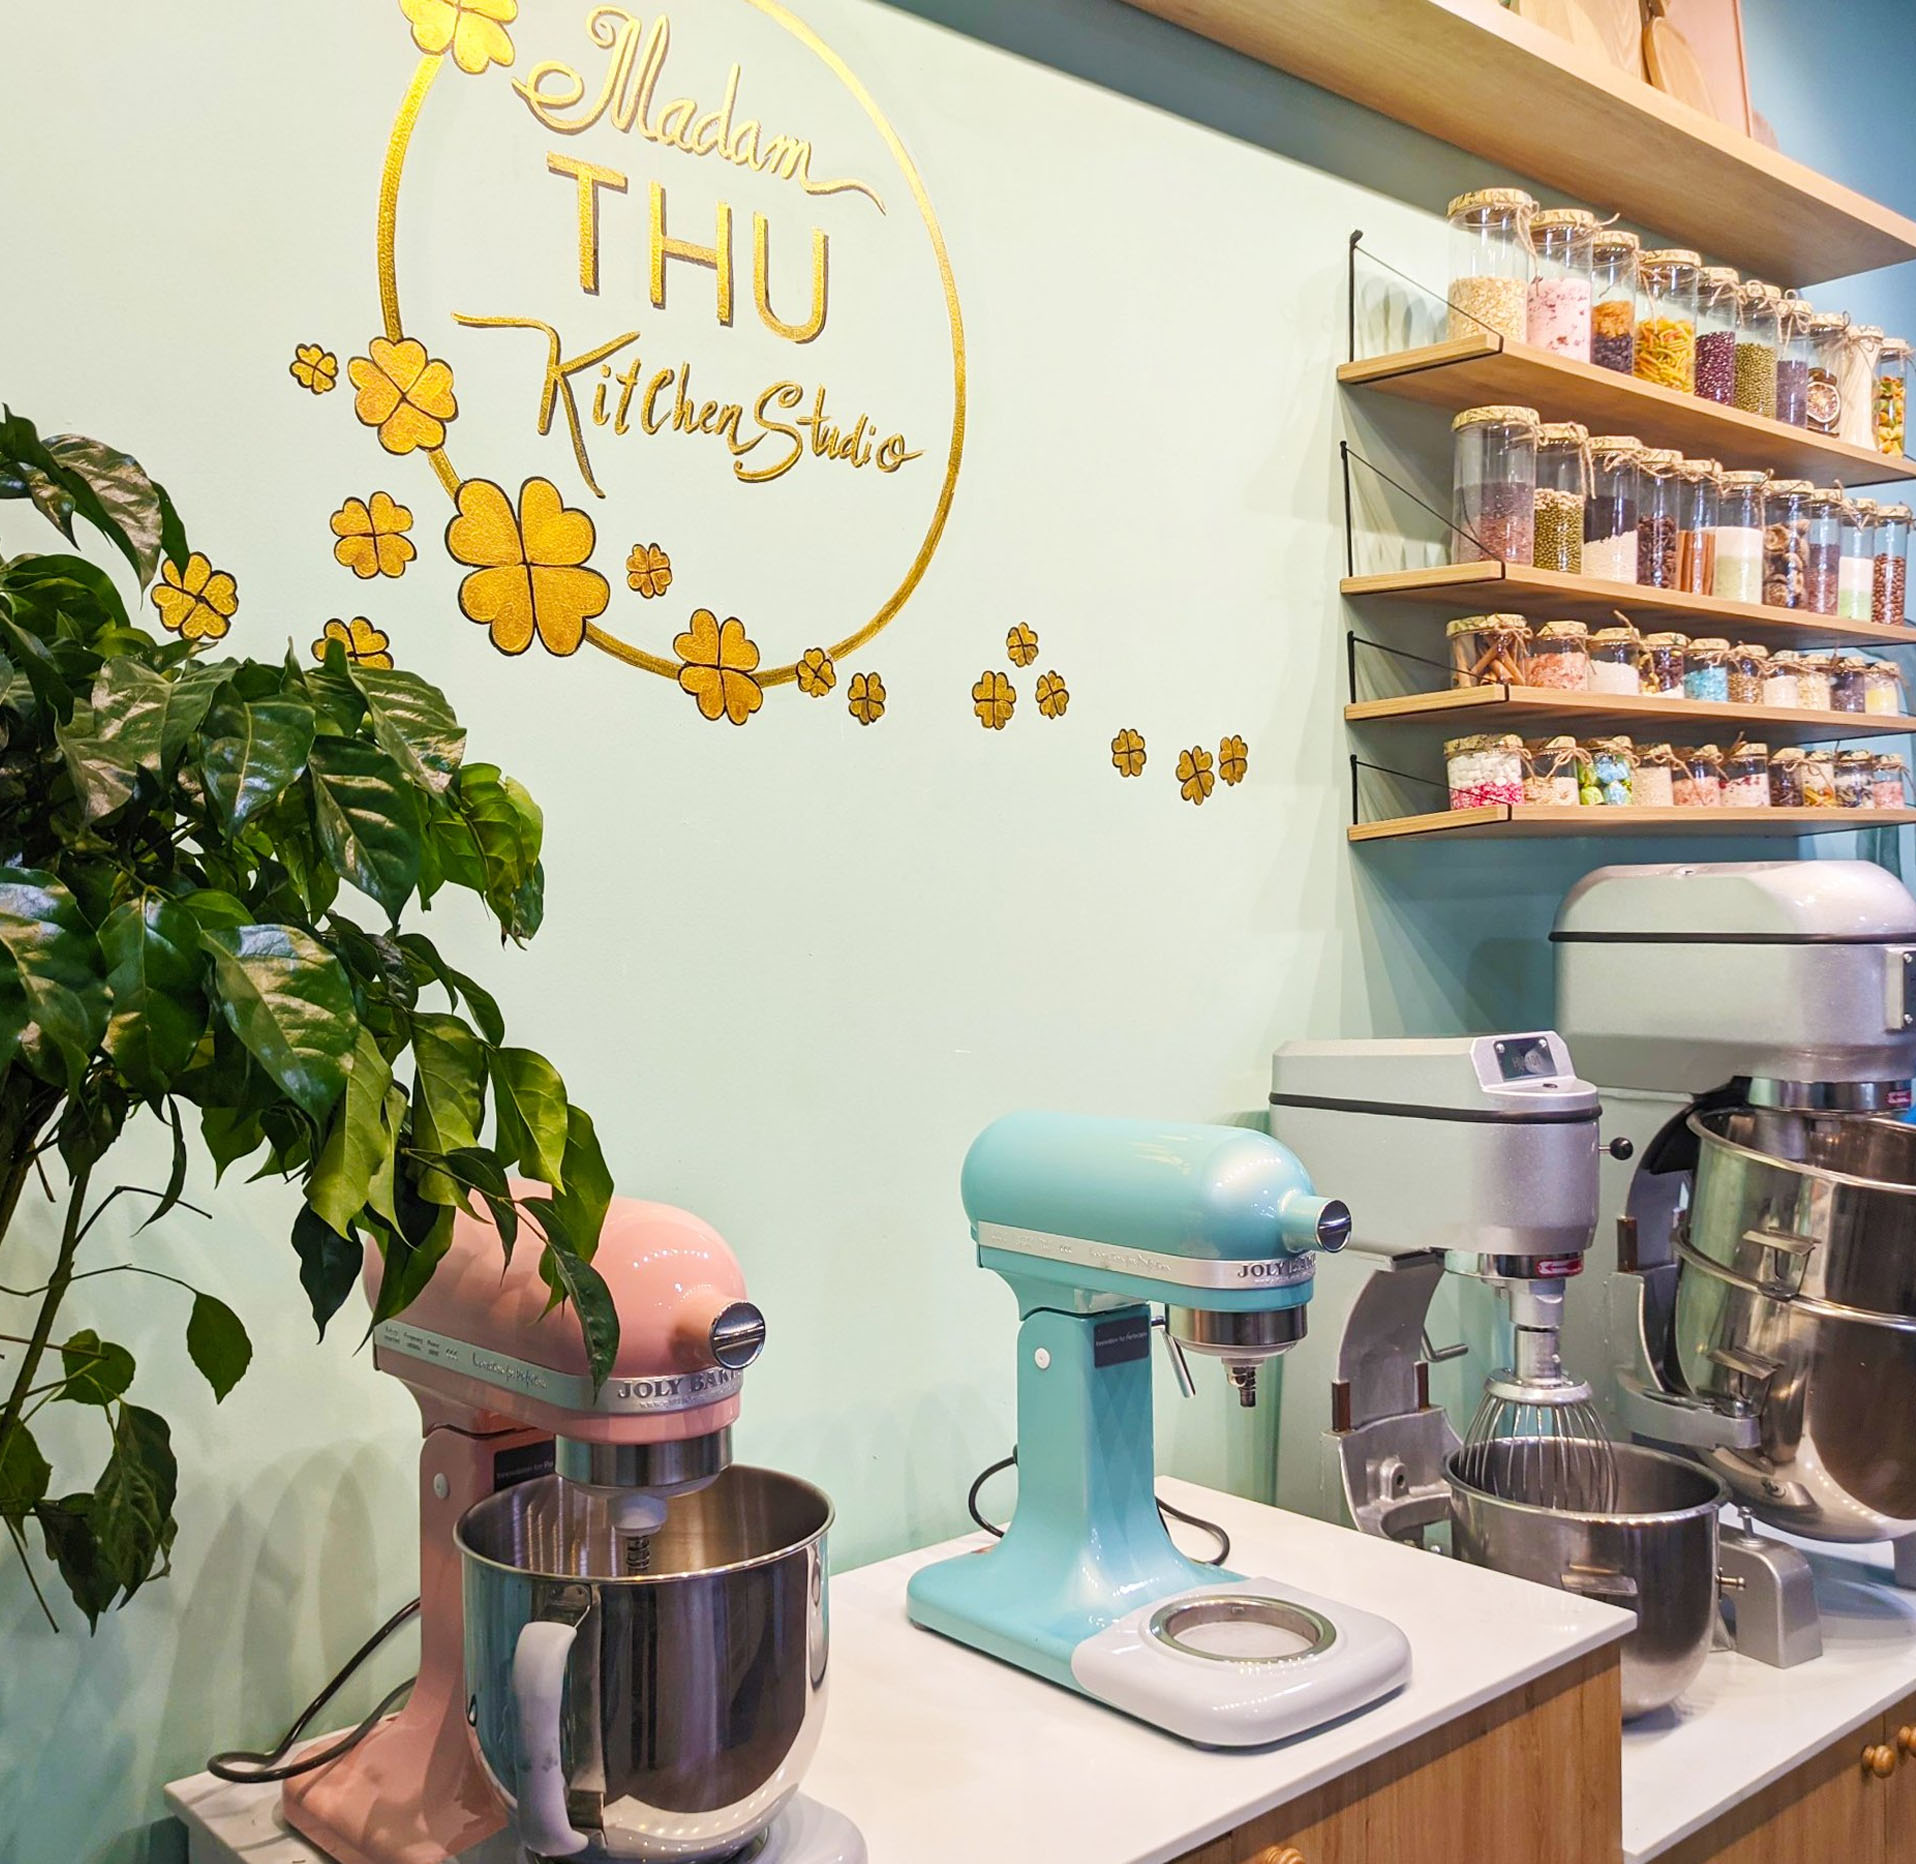 Chọn trường nào để học Quản trị nhà hàng và dịch vụ ăn uống?